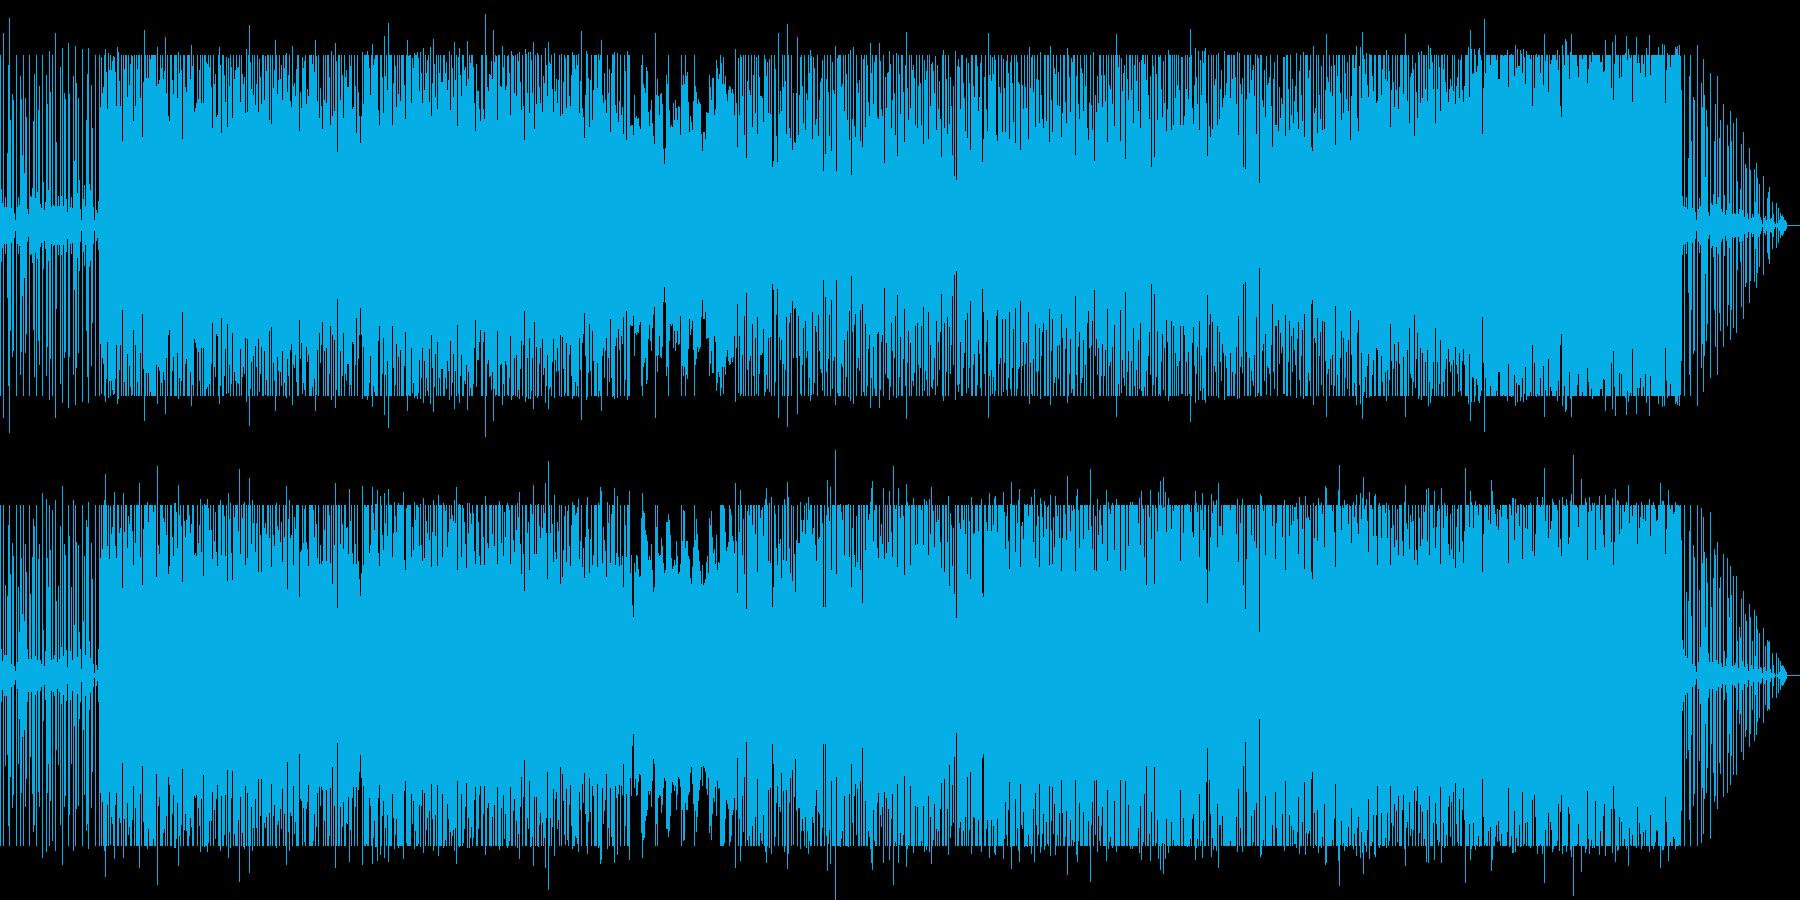 アコーディオンの風を感じるインスト曲の再生済みの波形